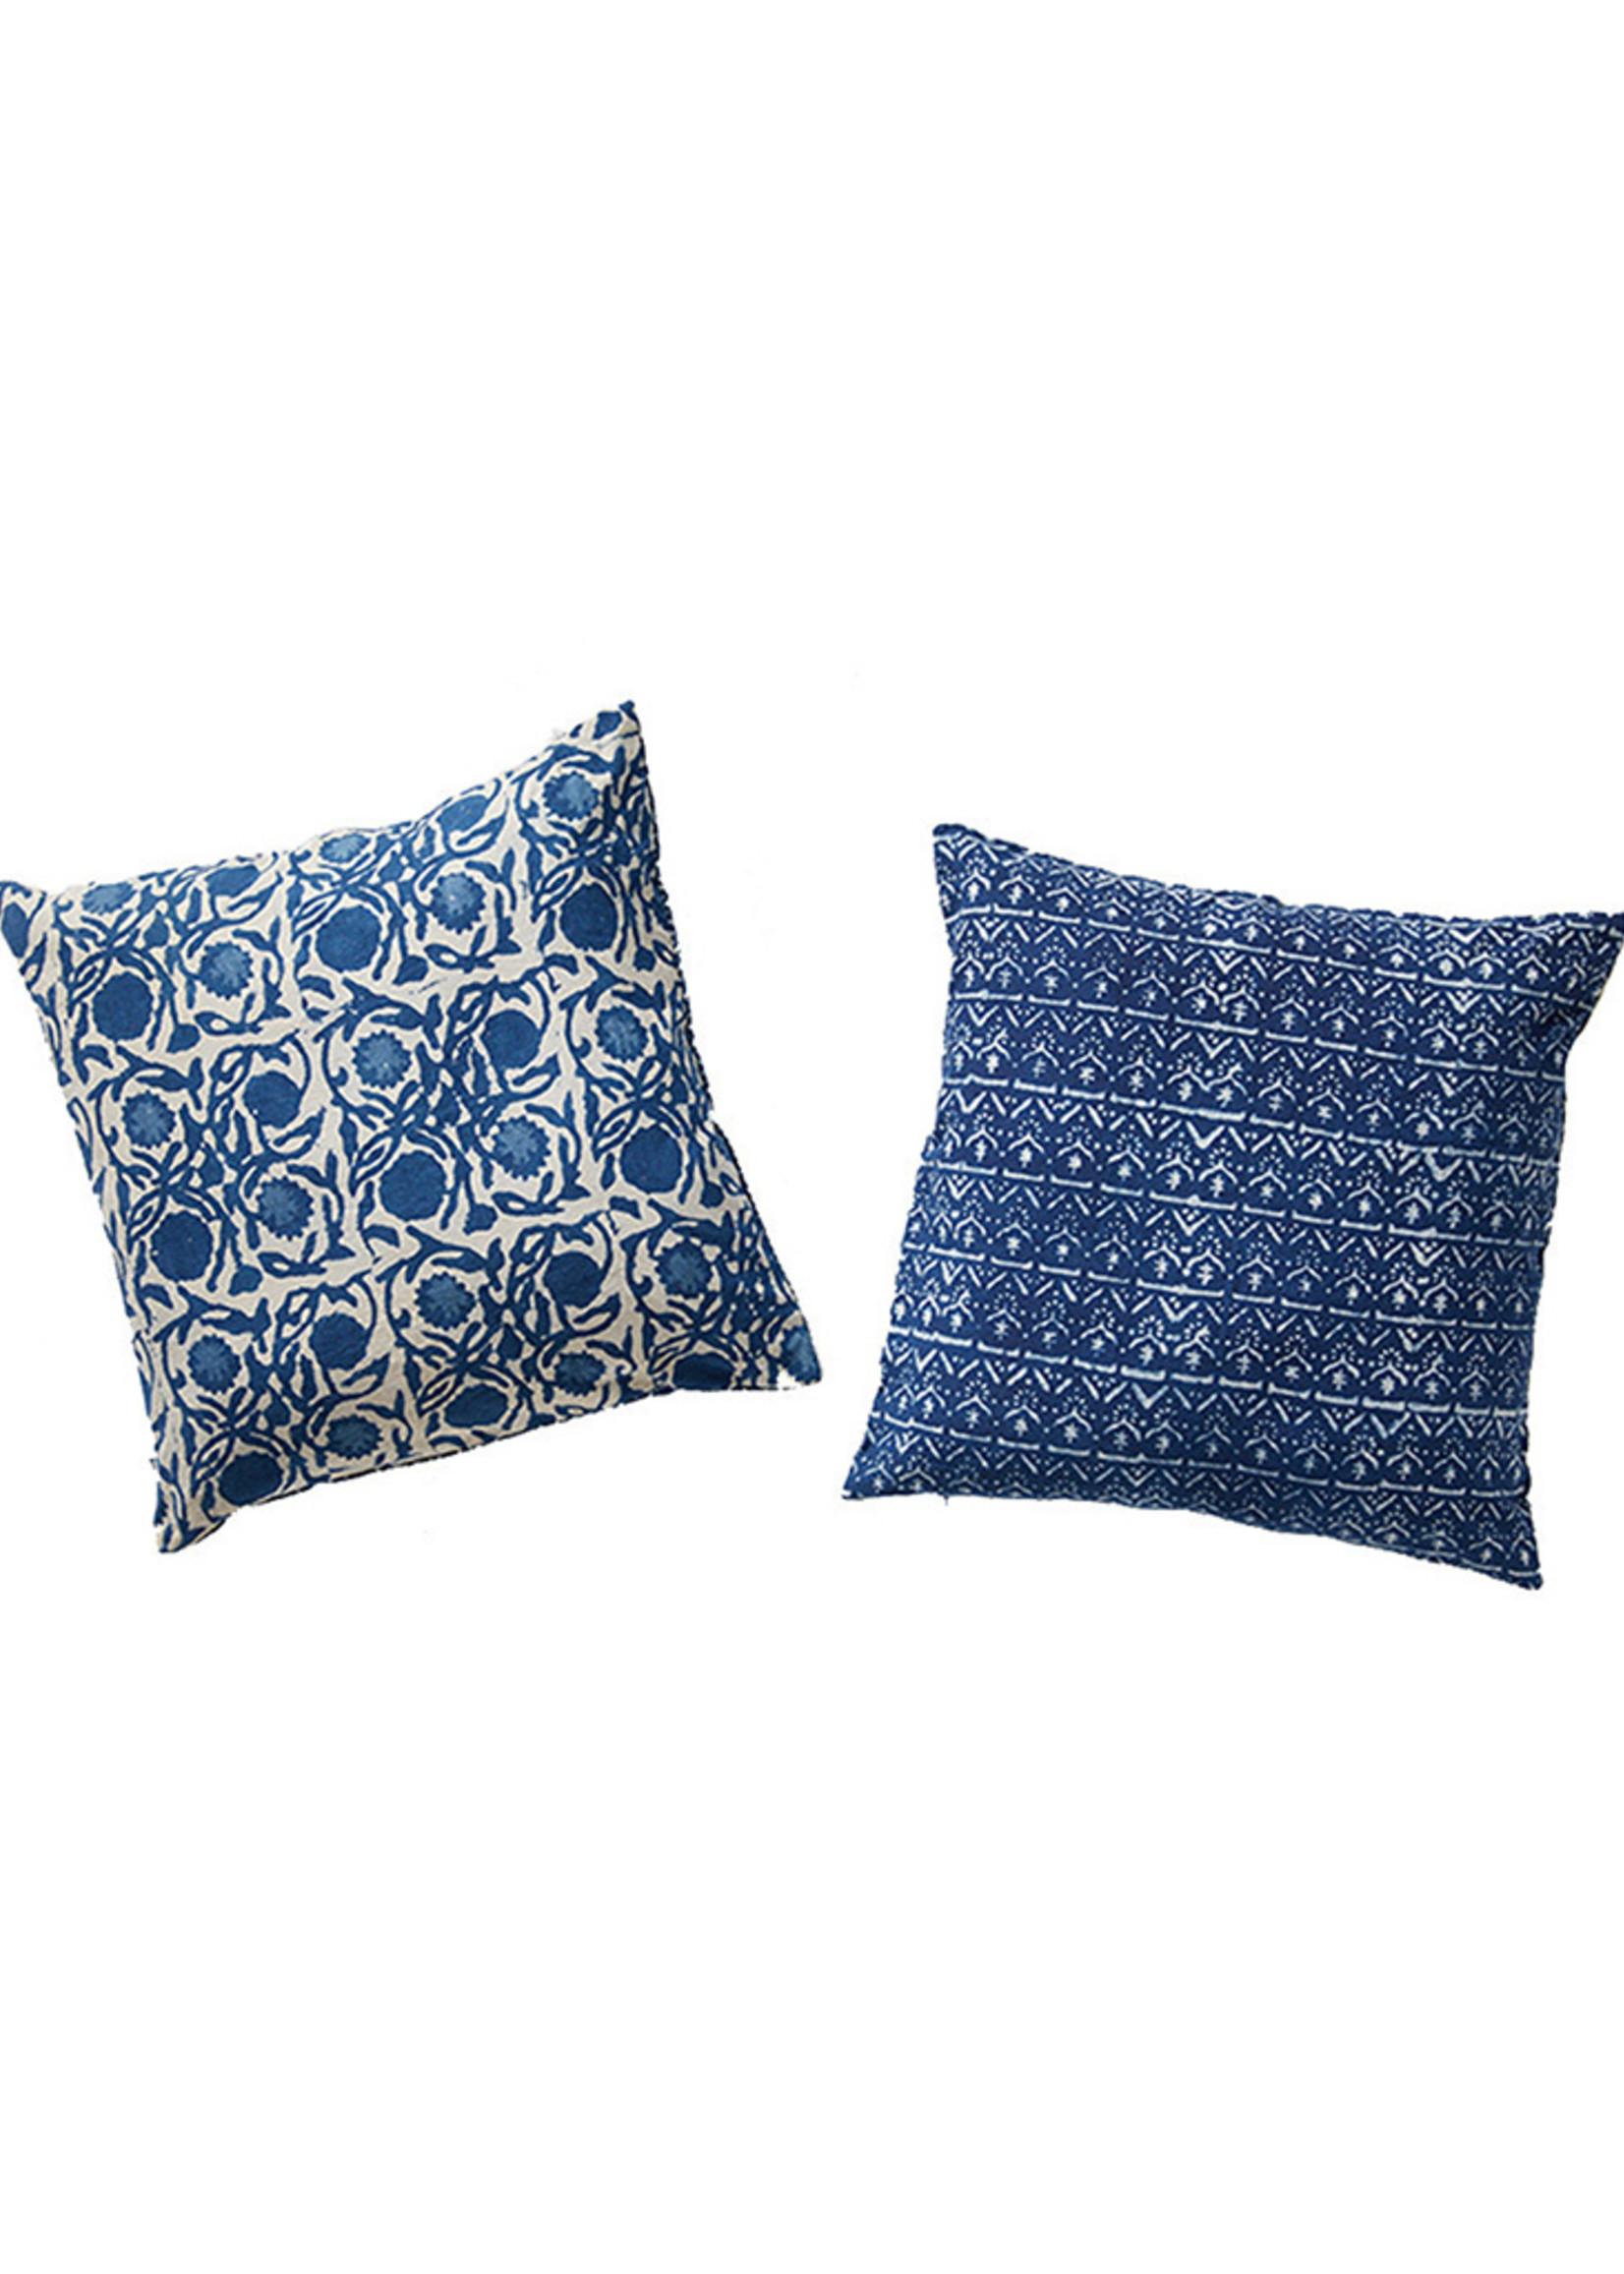 Dabu Cotton Floral Pillow